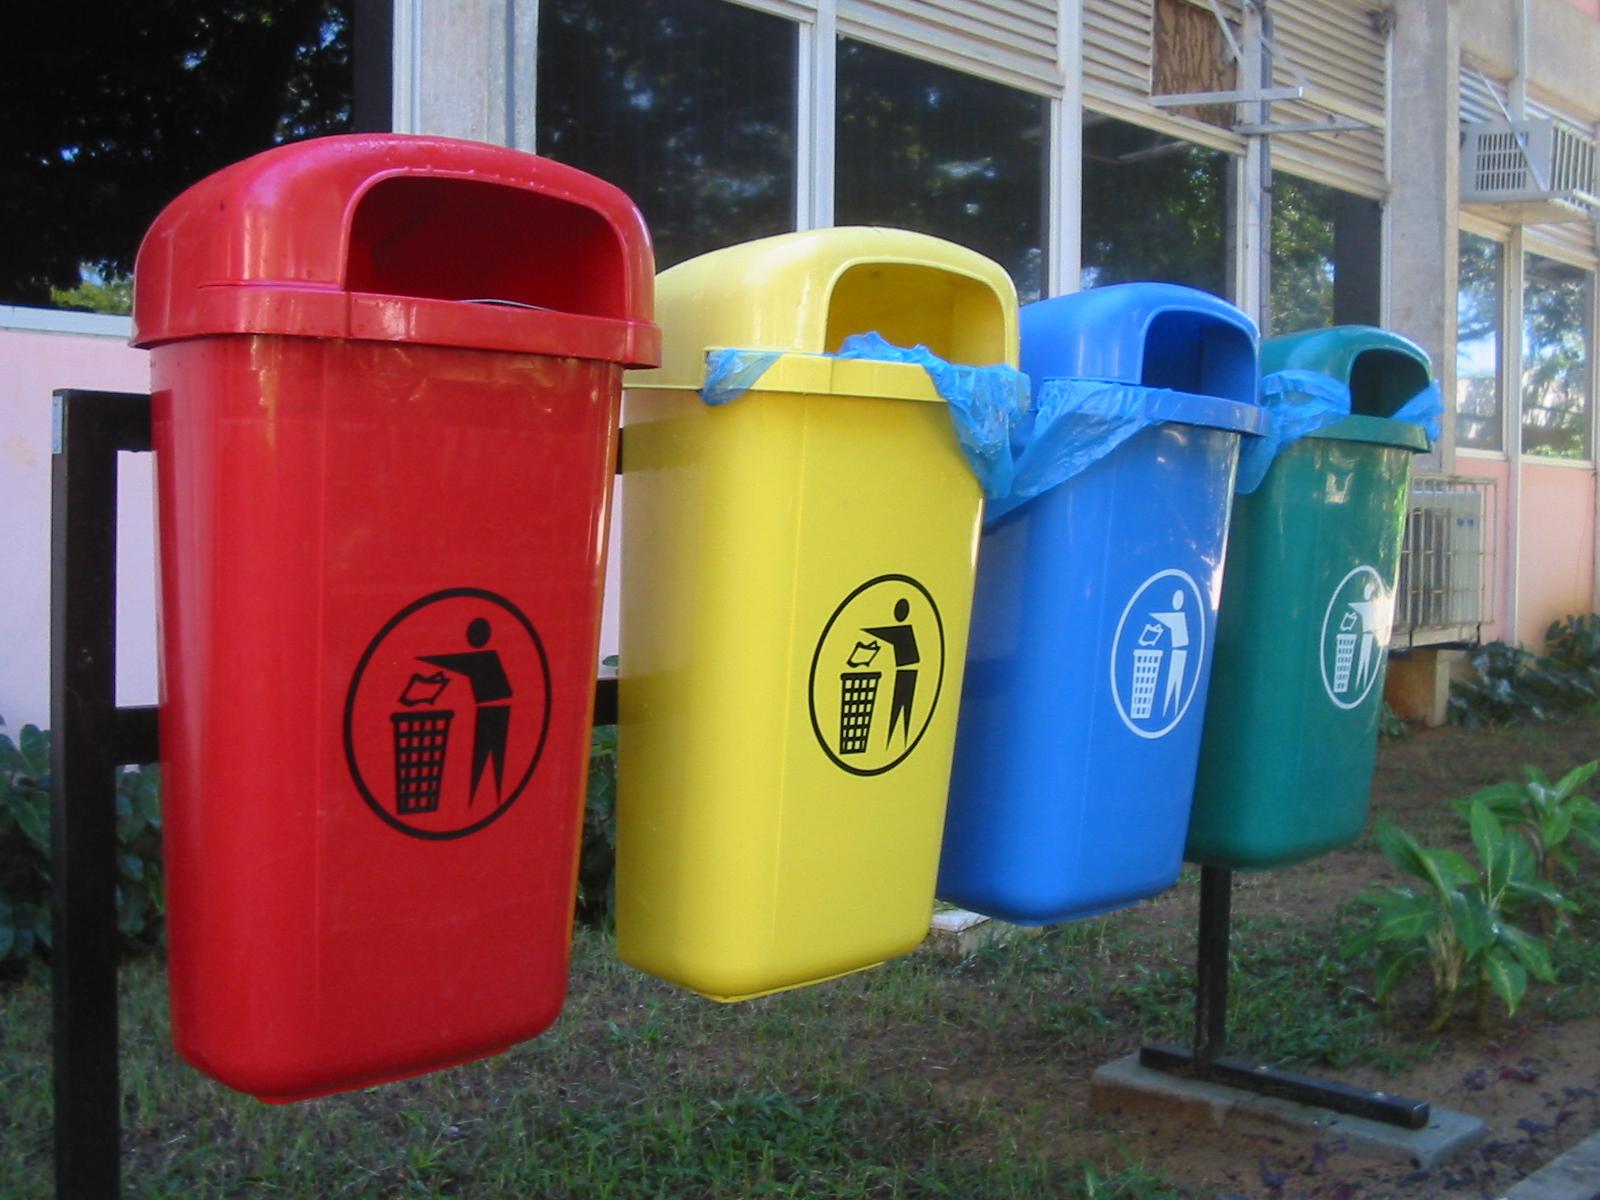 Raccolta differenziata dei rifiuti: gli italiani non credono sia utile?